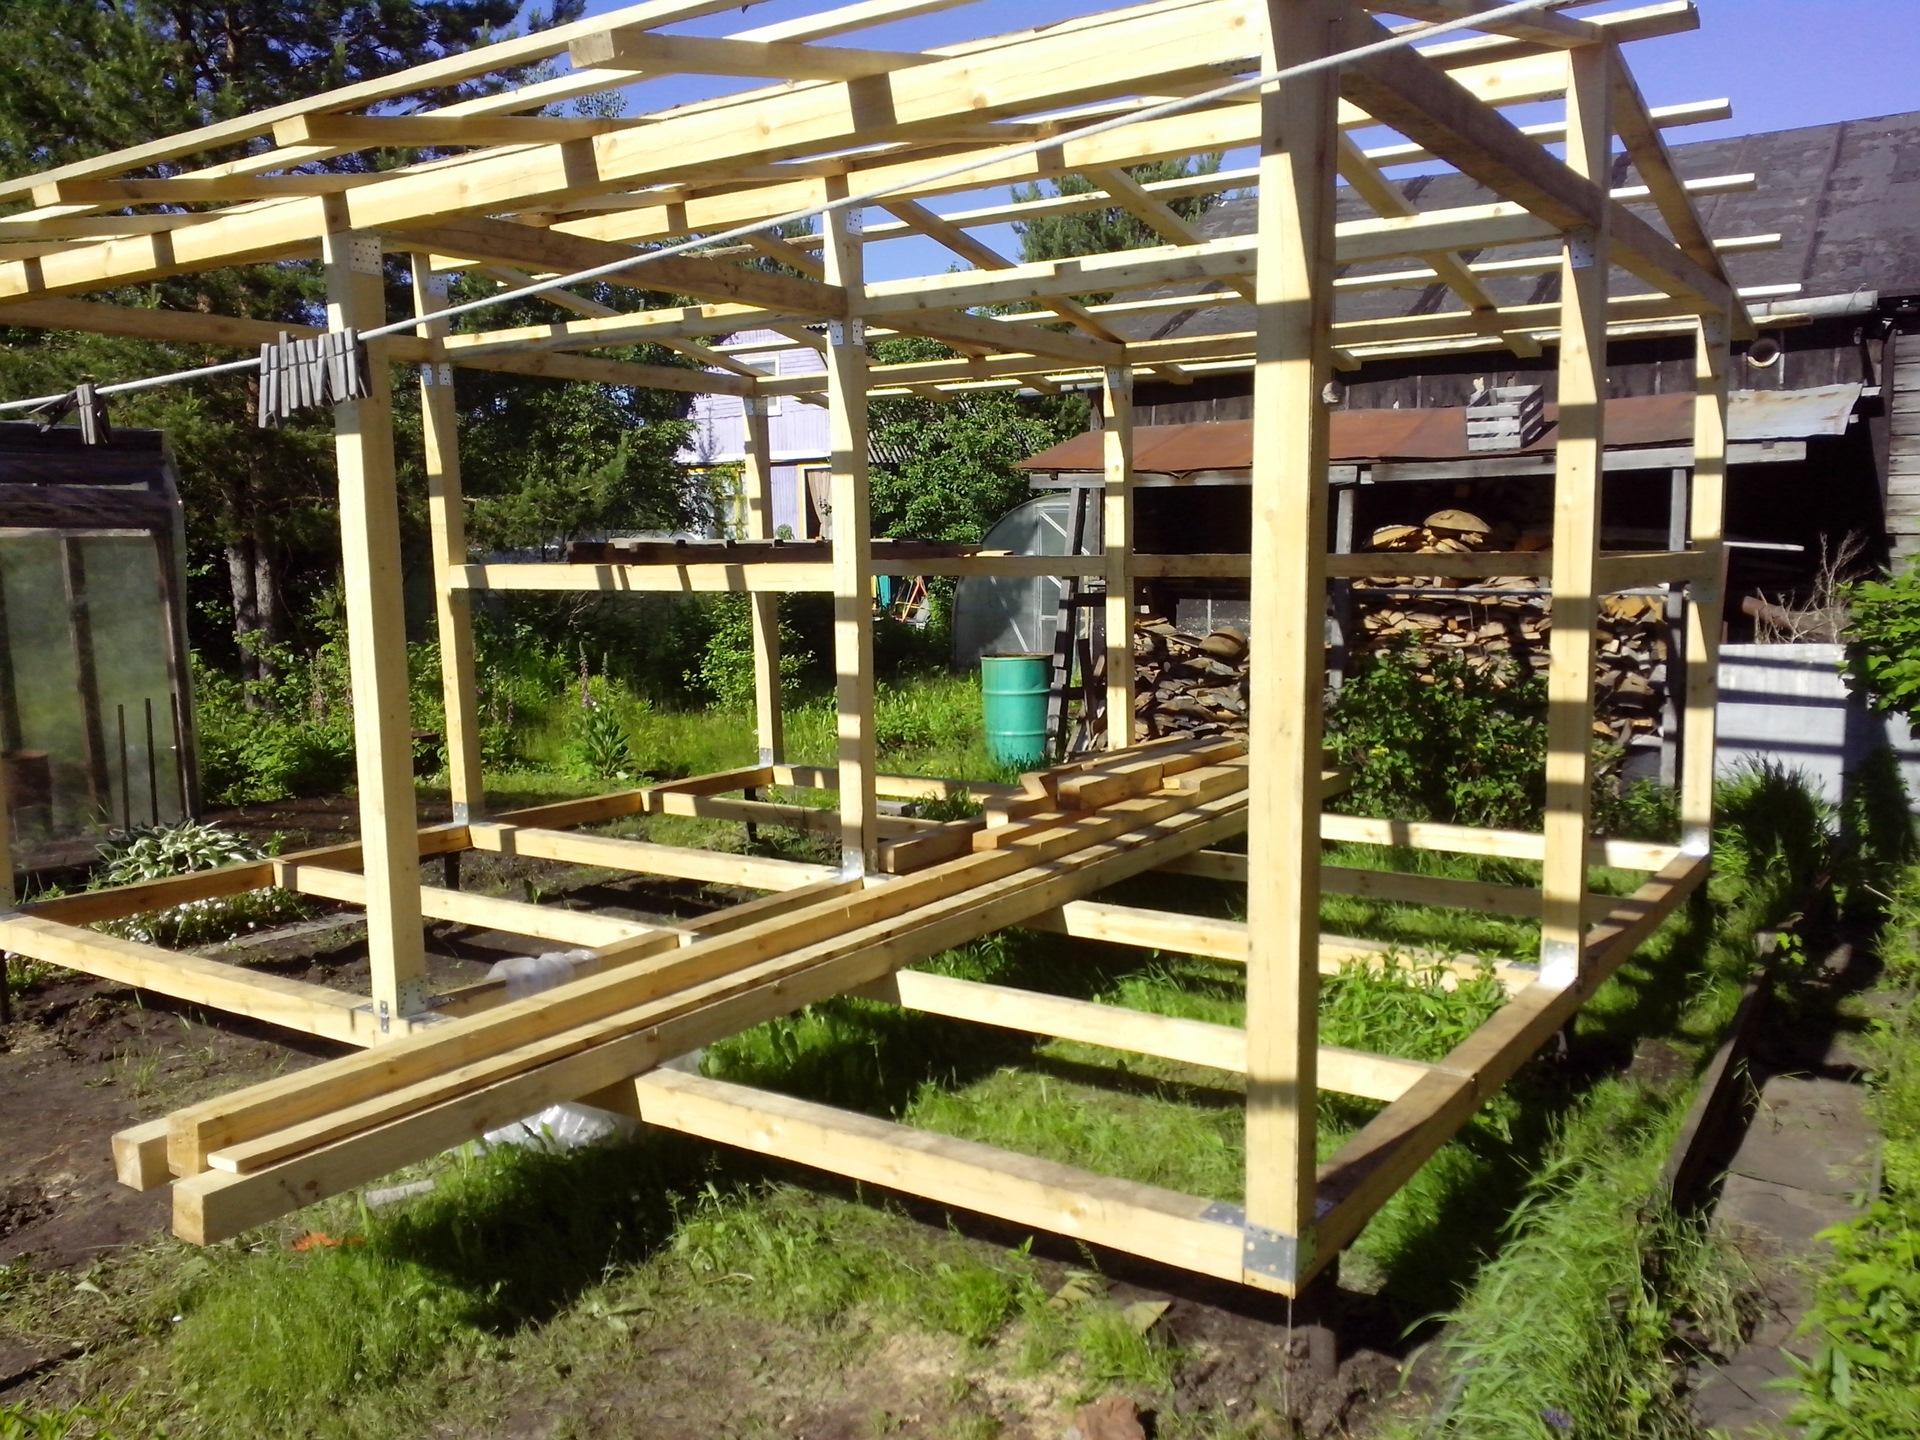 Особенности строительства на даче сарая с односкатной крышей размером 3х6 м